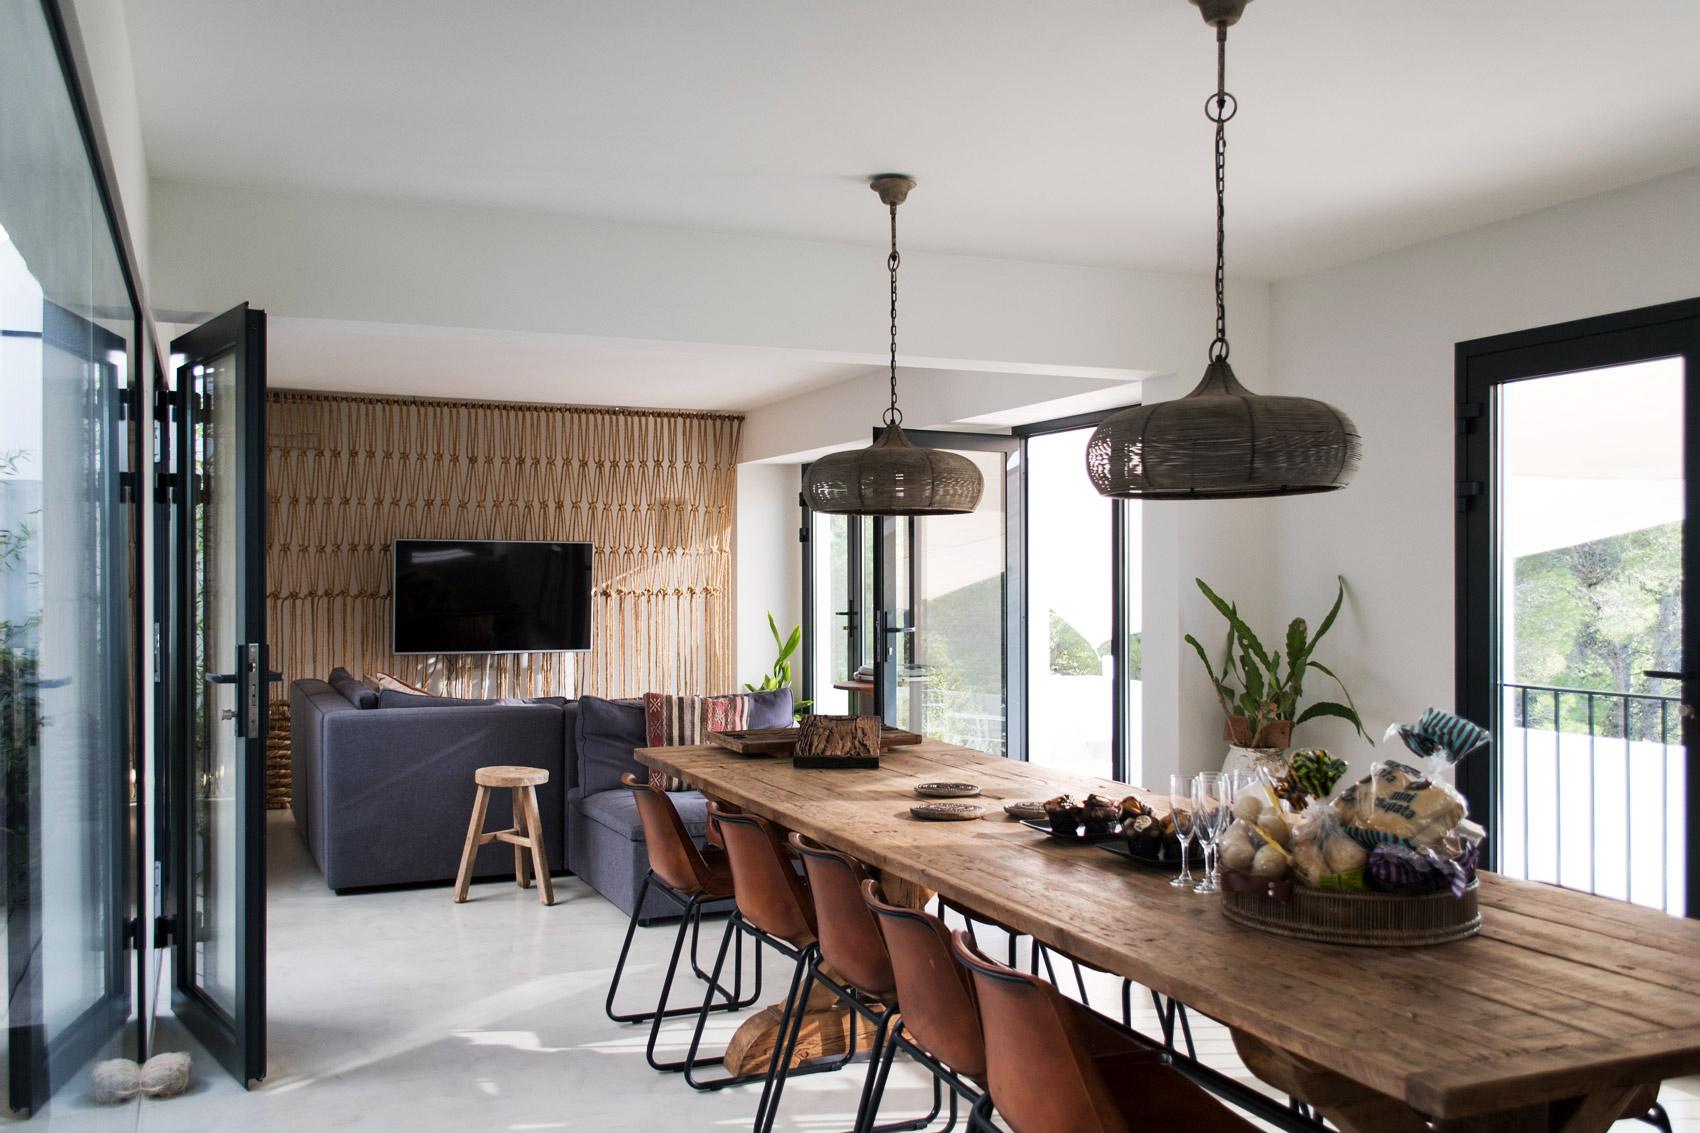 inneneinrichtung-ibiza-ferienhaus-holz-modern-fashiioncarpet